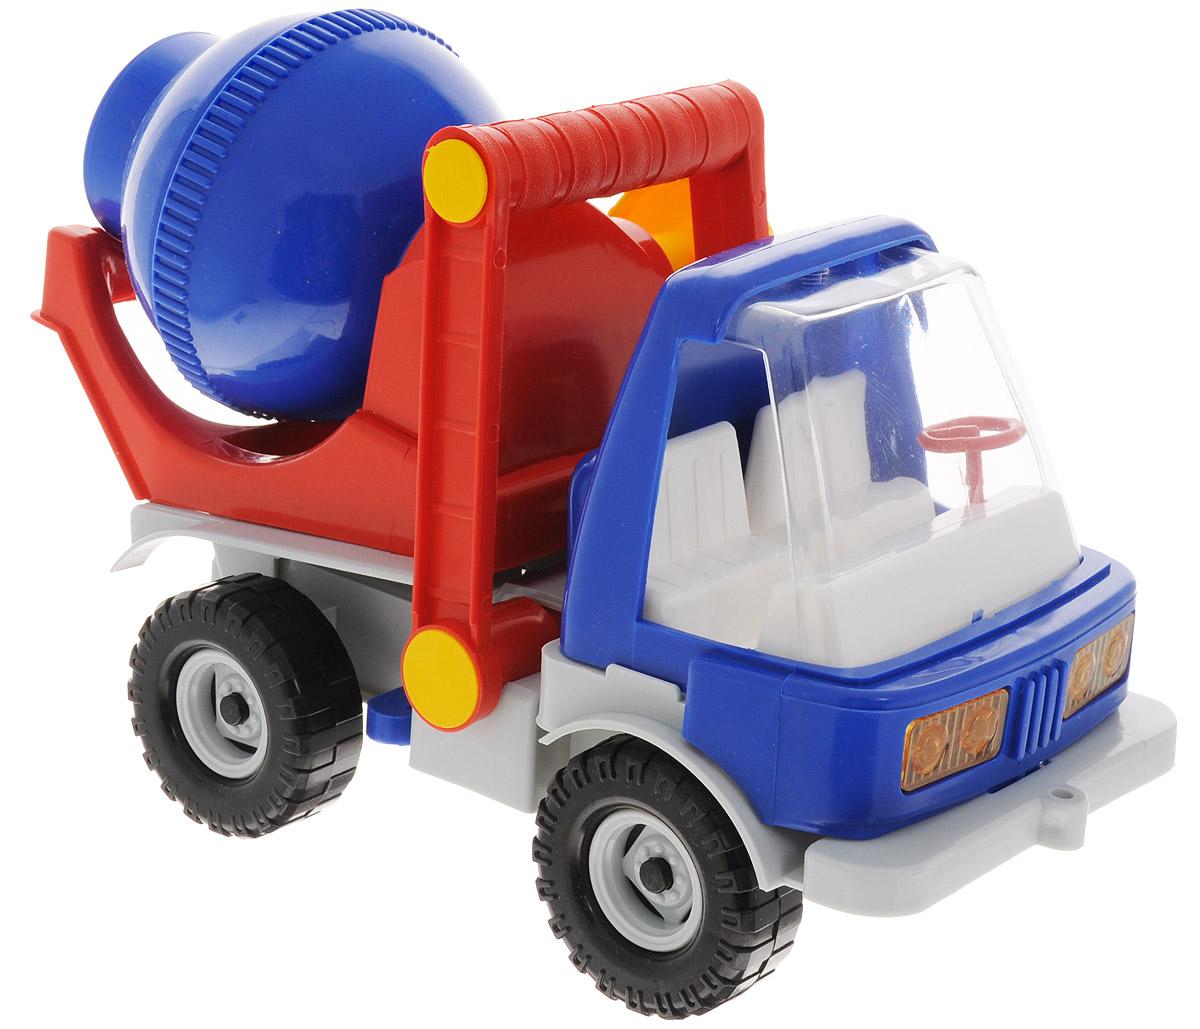 Форма БетономешалкаС-134-ФБетономешалка Форма станет главным развлечением вашего малыша. Выполненная из прочной пищевой пластмассы, игрушка долго прослужит малышу. Плотные массивные колеса, напоминающие резиновые, обеспечивают плавность хода машинки, а также устойчивость. У этой строительной машины бочка вращается при помощи ручки, и при желании ее можно останавливать, фиксируя защелкой. Так же при помощи ручки ее можно опрокидывать. Мальчику будет интересно играть с ней и развивать свой кругозор. Кроме того, у игрушки есть удобная ручка для переноски. Машинка очень яркая и безопасная.